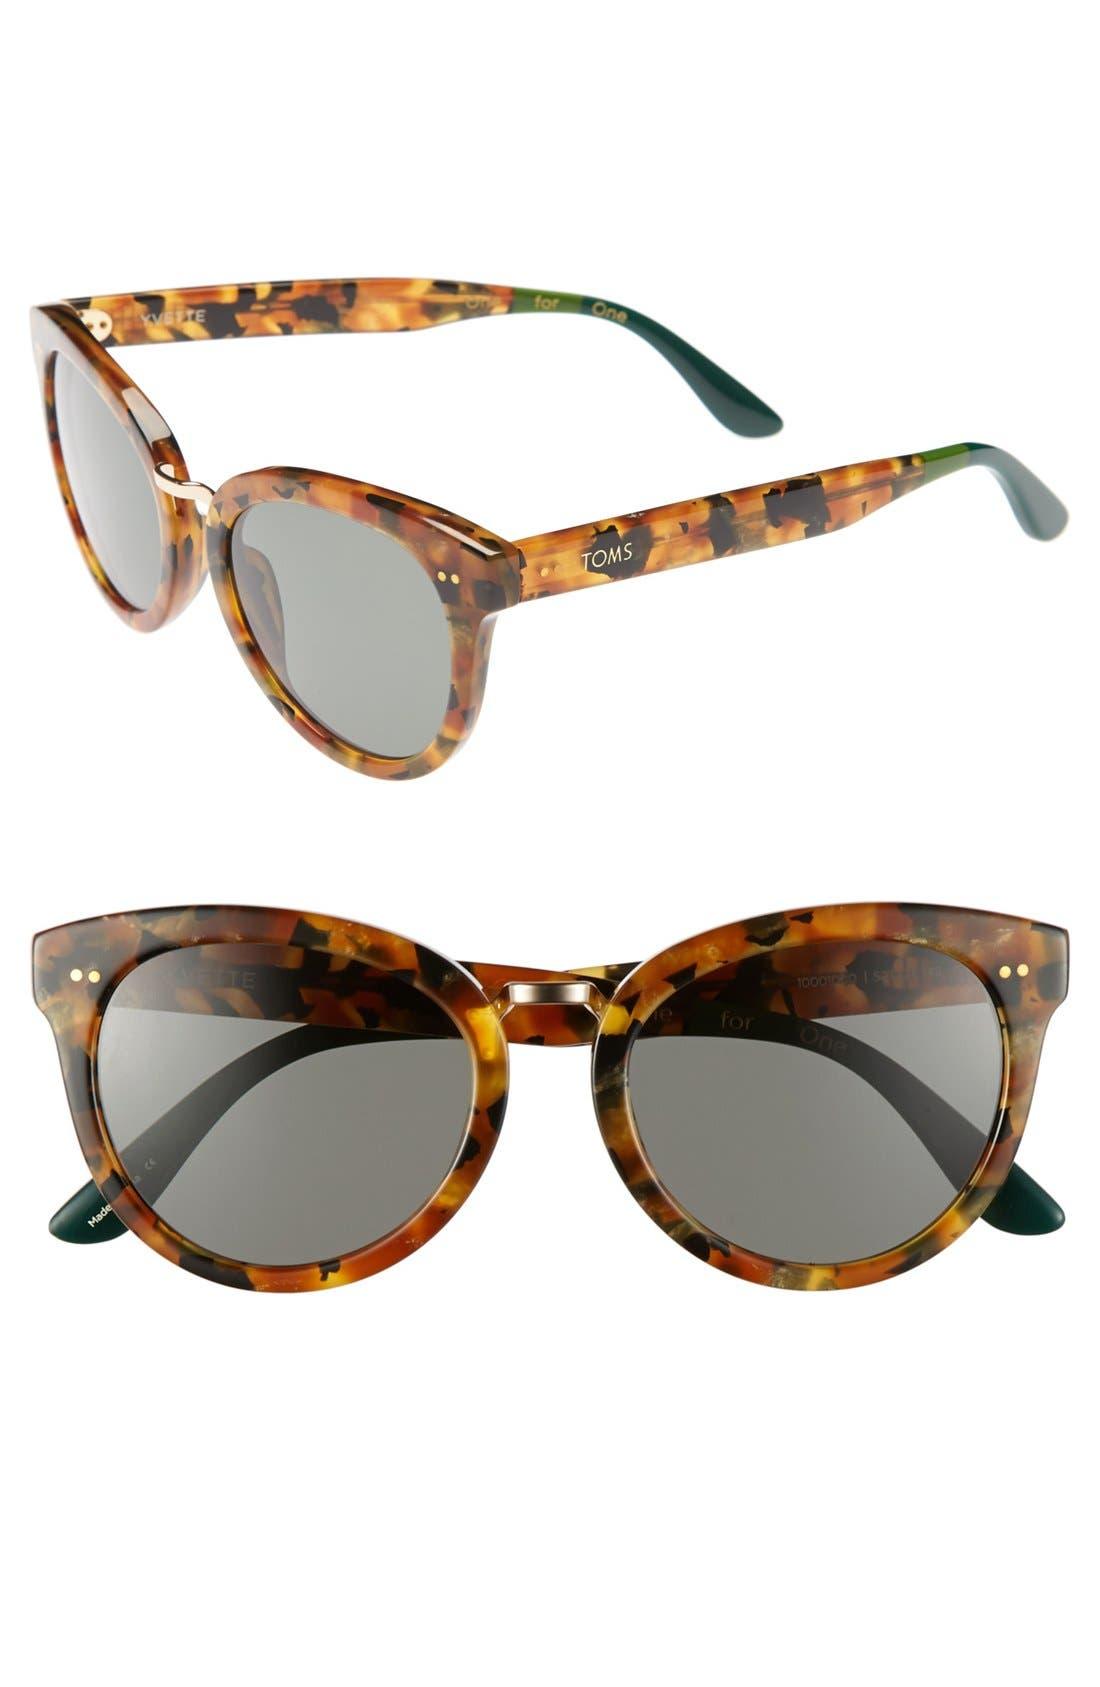 Main Image - TOMS 'Yvette' 52mm Sunglasses